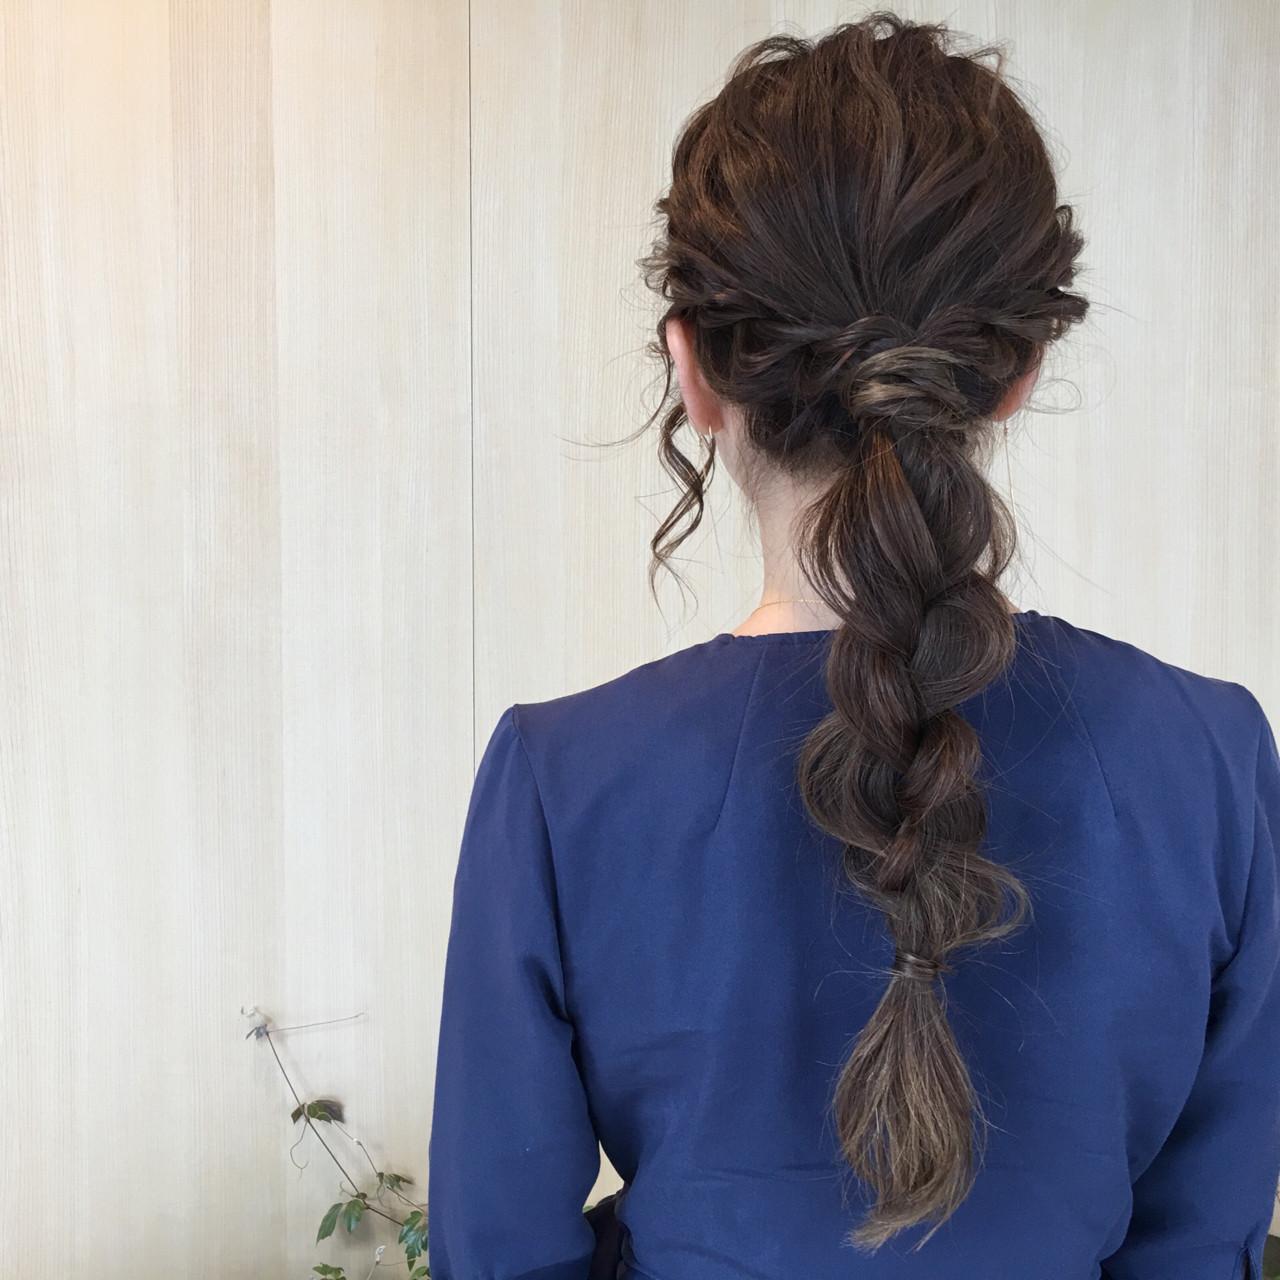 ゆるふわ 三つ編み ポニーテール 簡単ヘアアレンジ ヘアスタイルや髪型の写真・画像